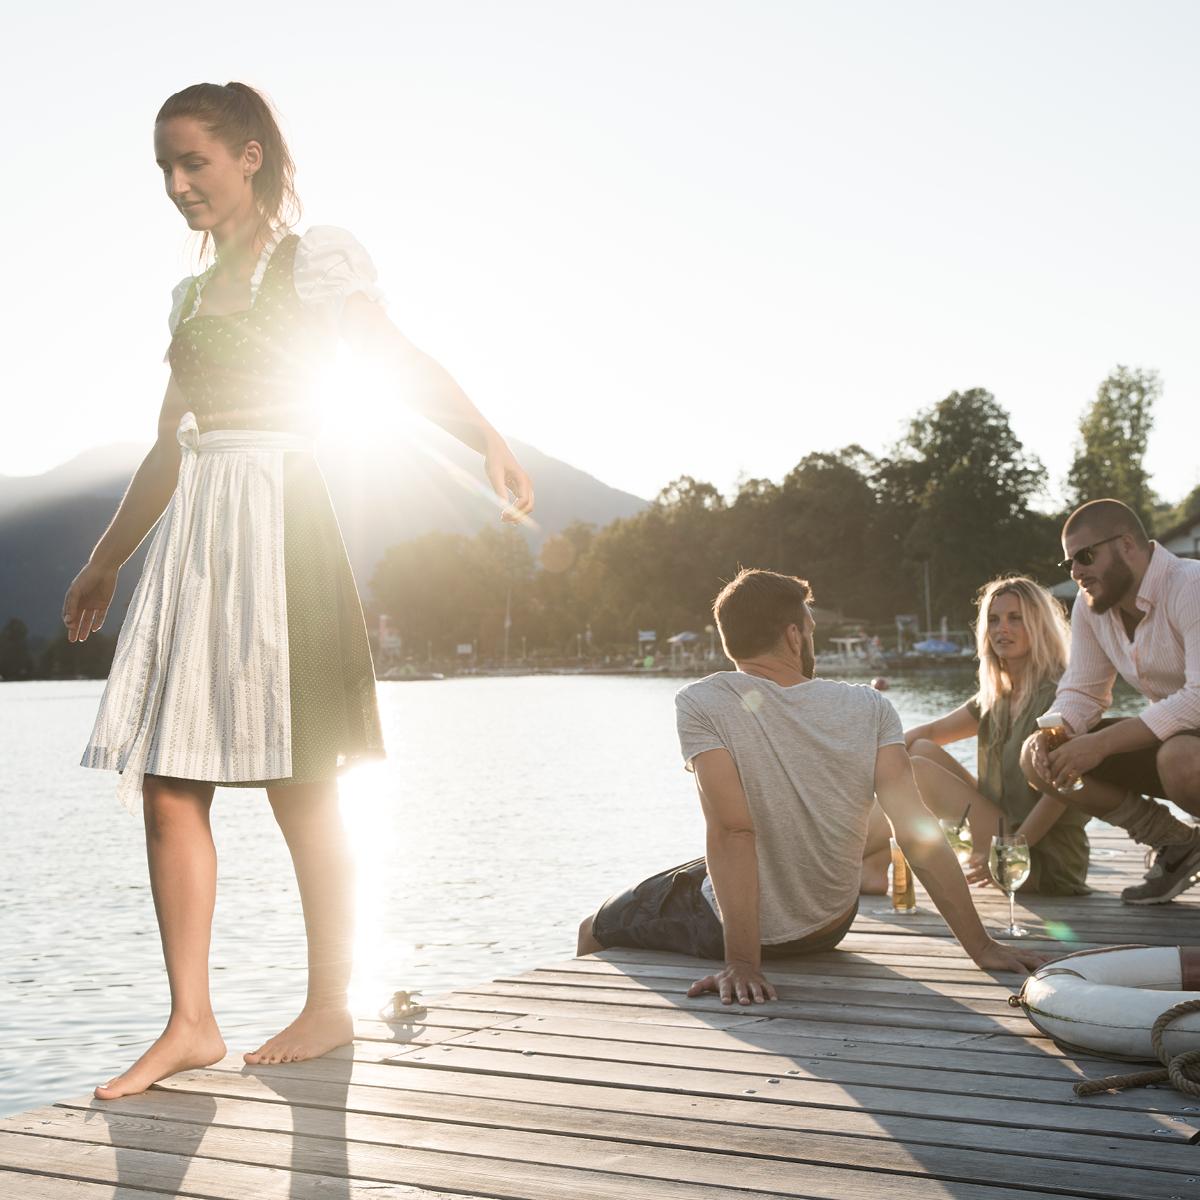 Das Bild zeigt eine Gruppe junger Menschen auf einem Steg, der in einen See reicht.